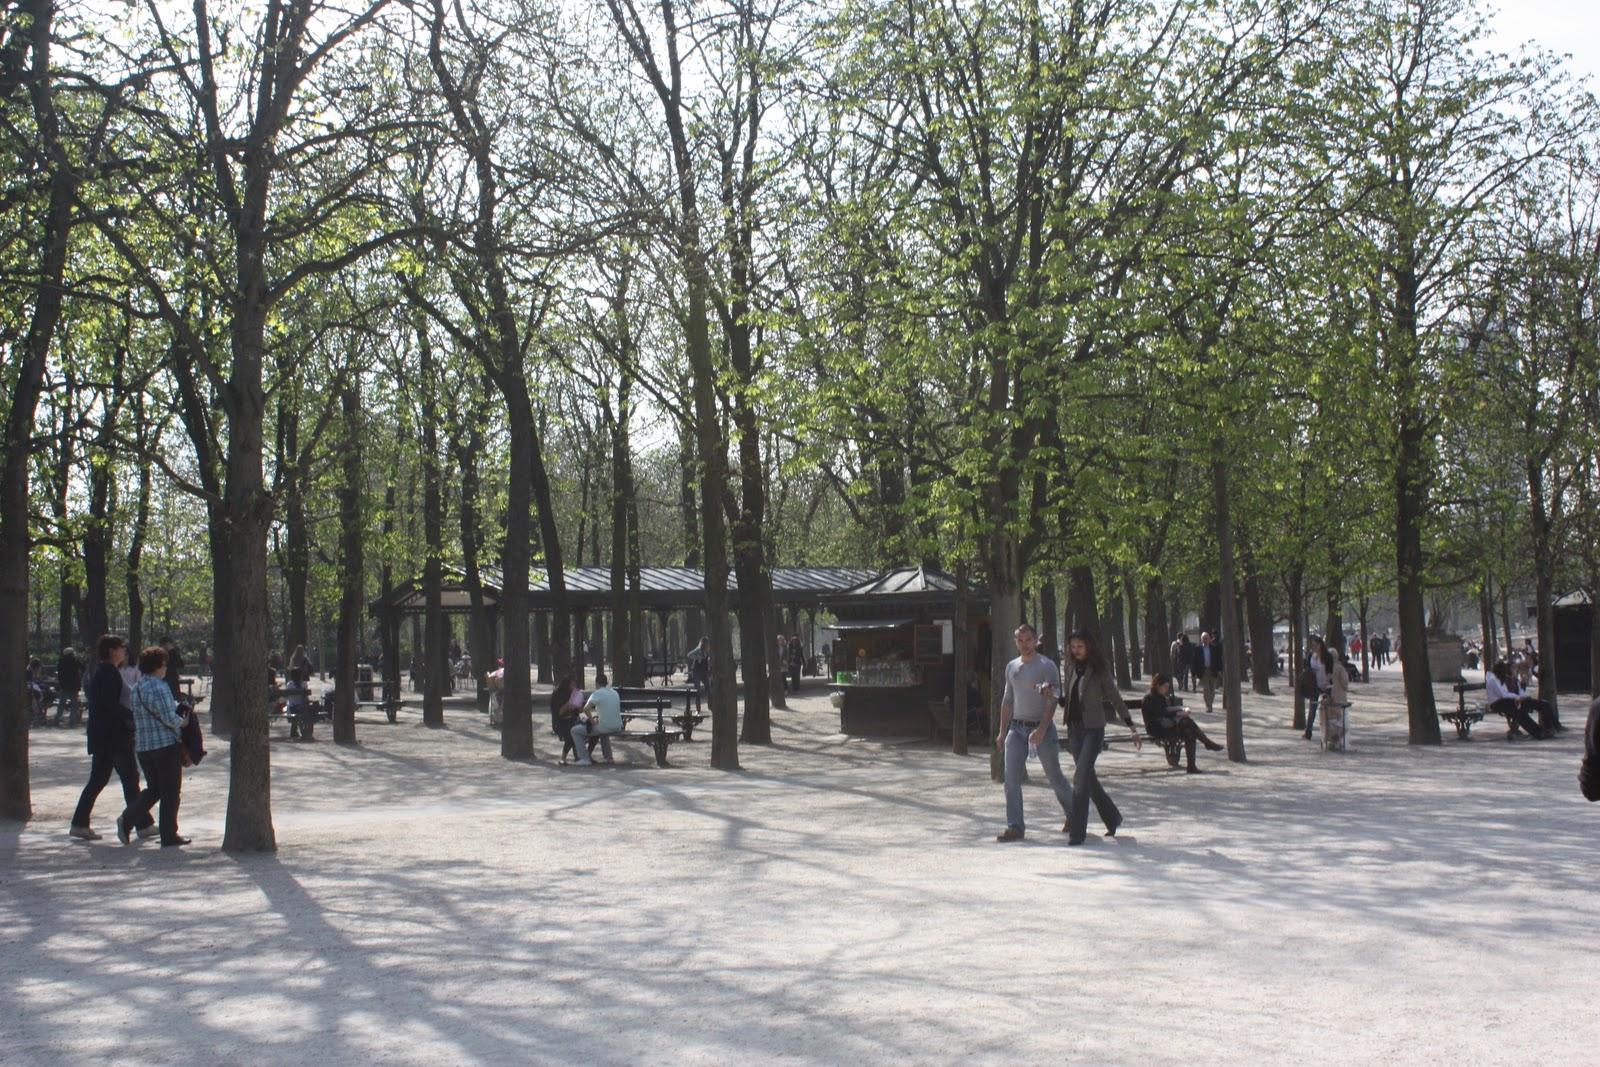 Jardin de luxembourg horaires for Jardin luxembourg horaires